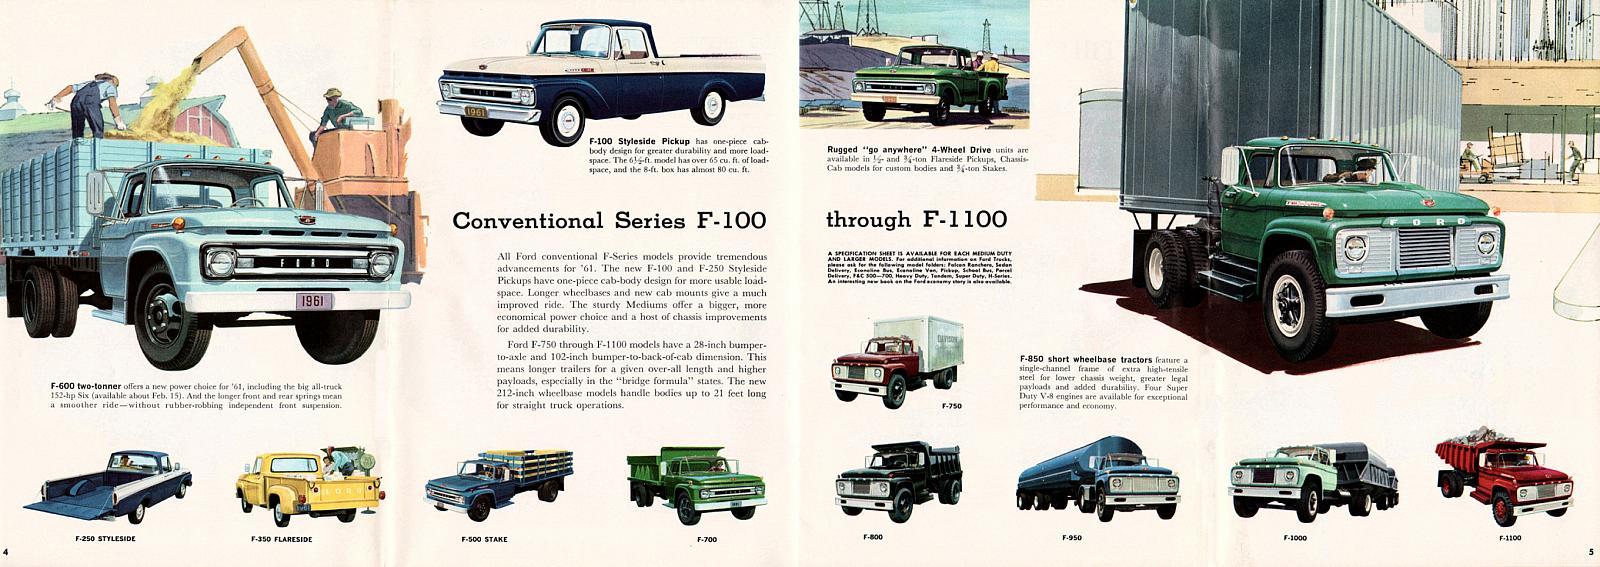 1961 Ford Truck Full Line-04-05